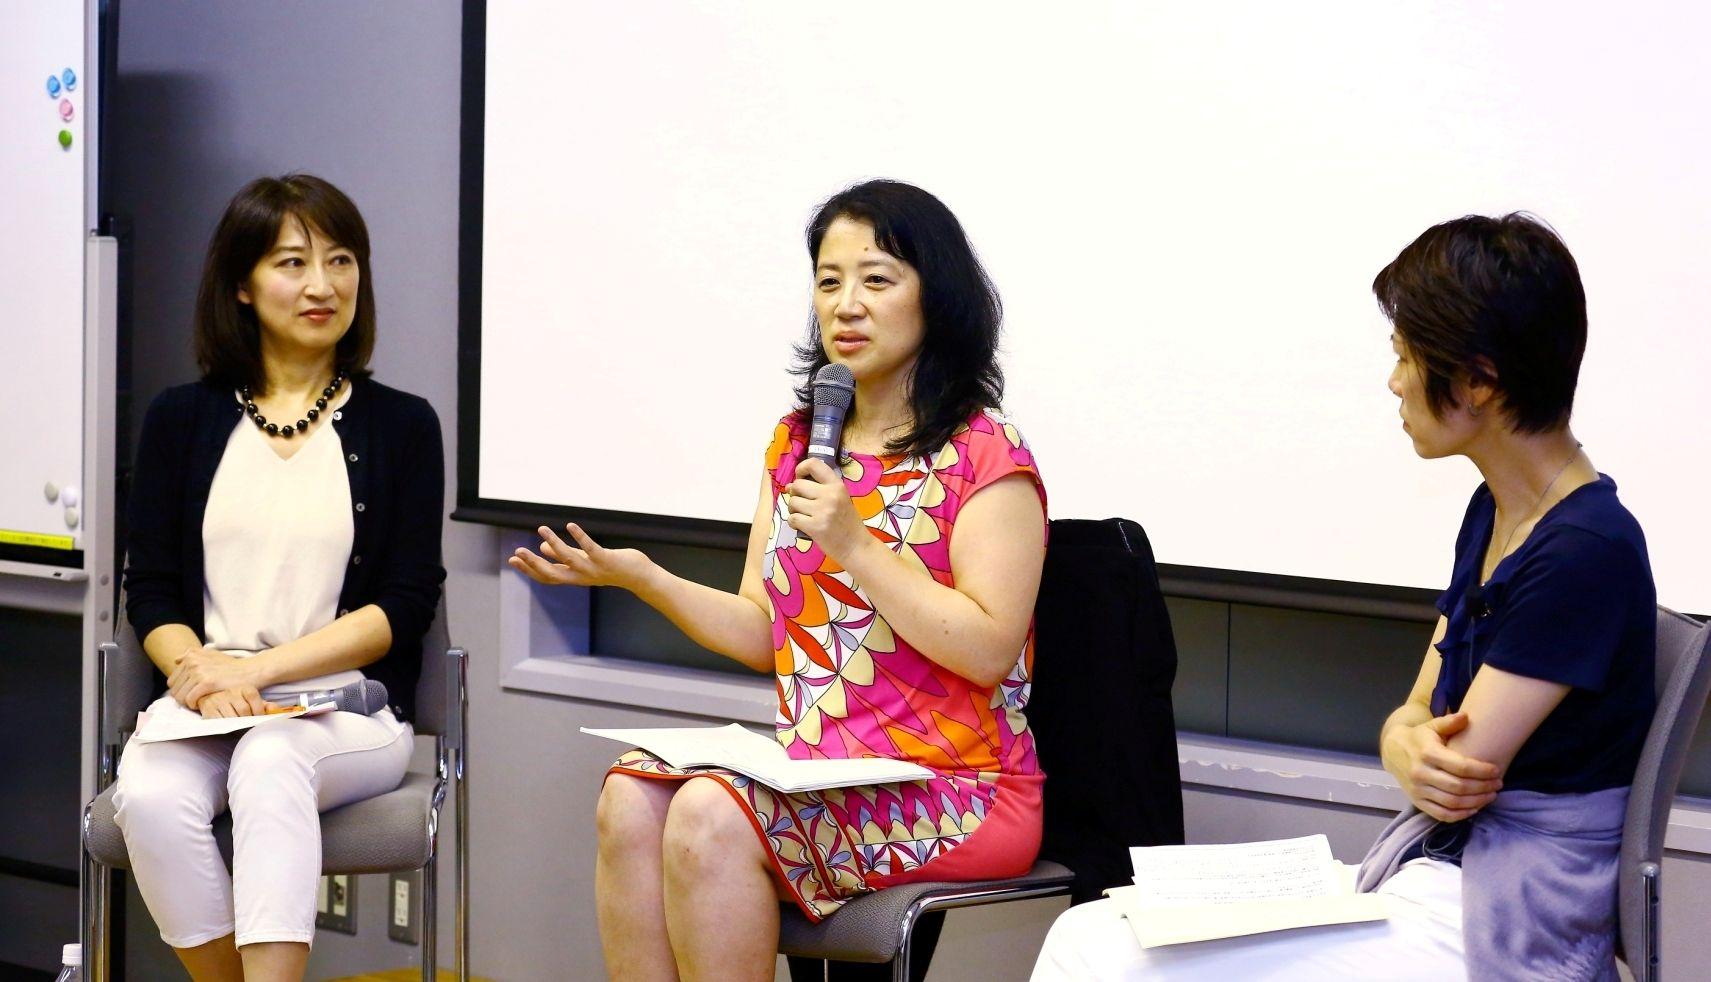 日本人がまだ知らない、図書館の可能性 | 世界キャリア家族の子育て ...